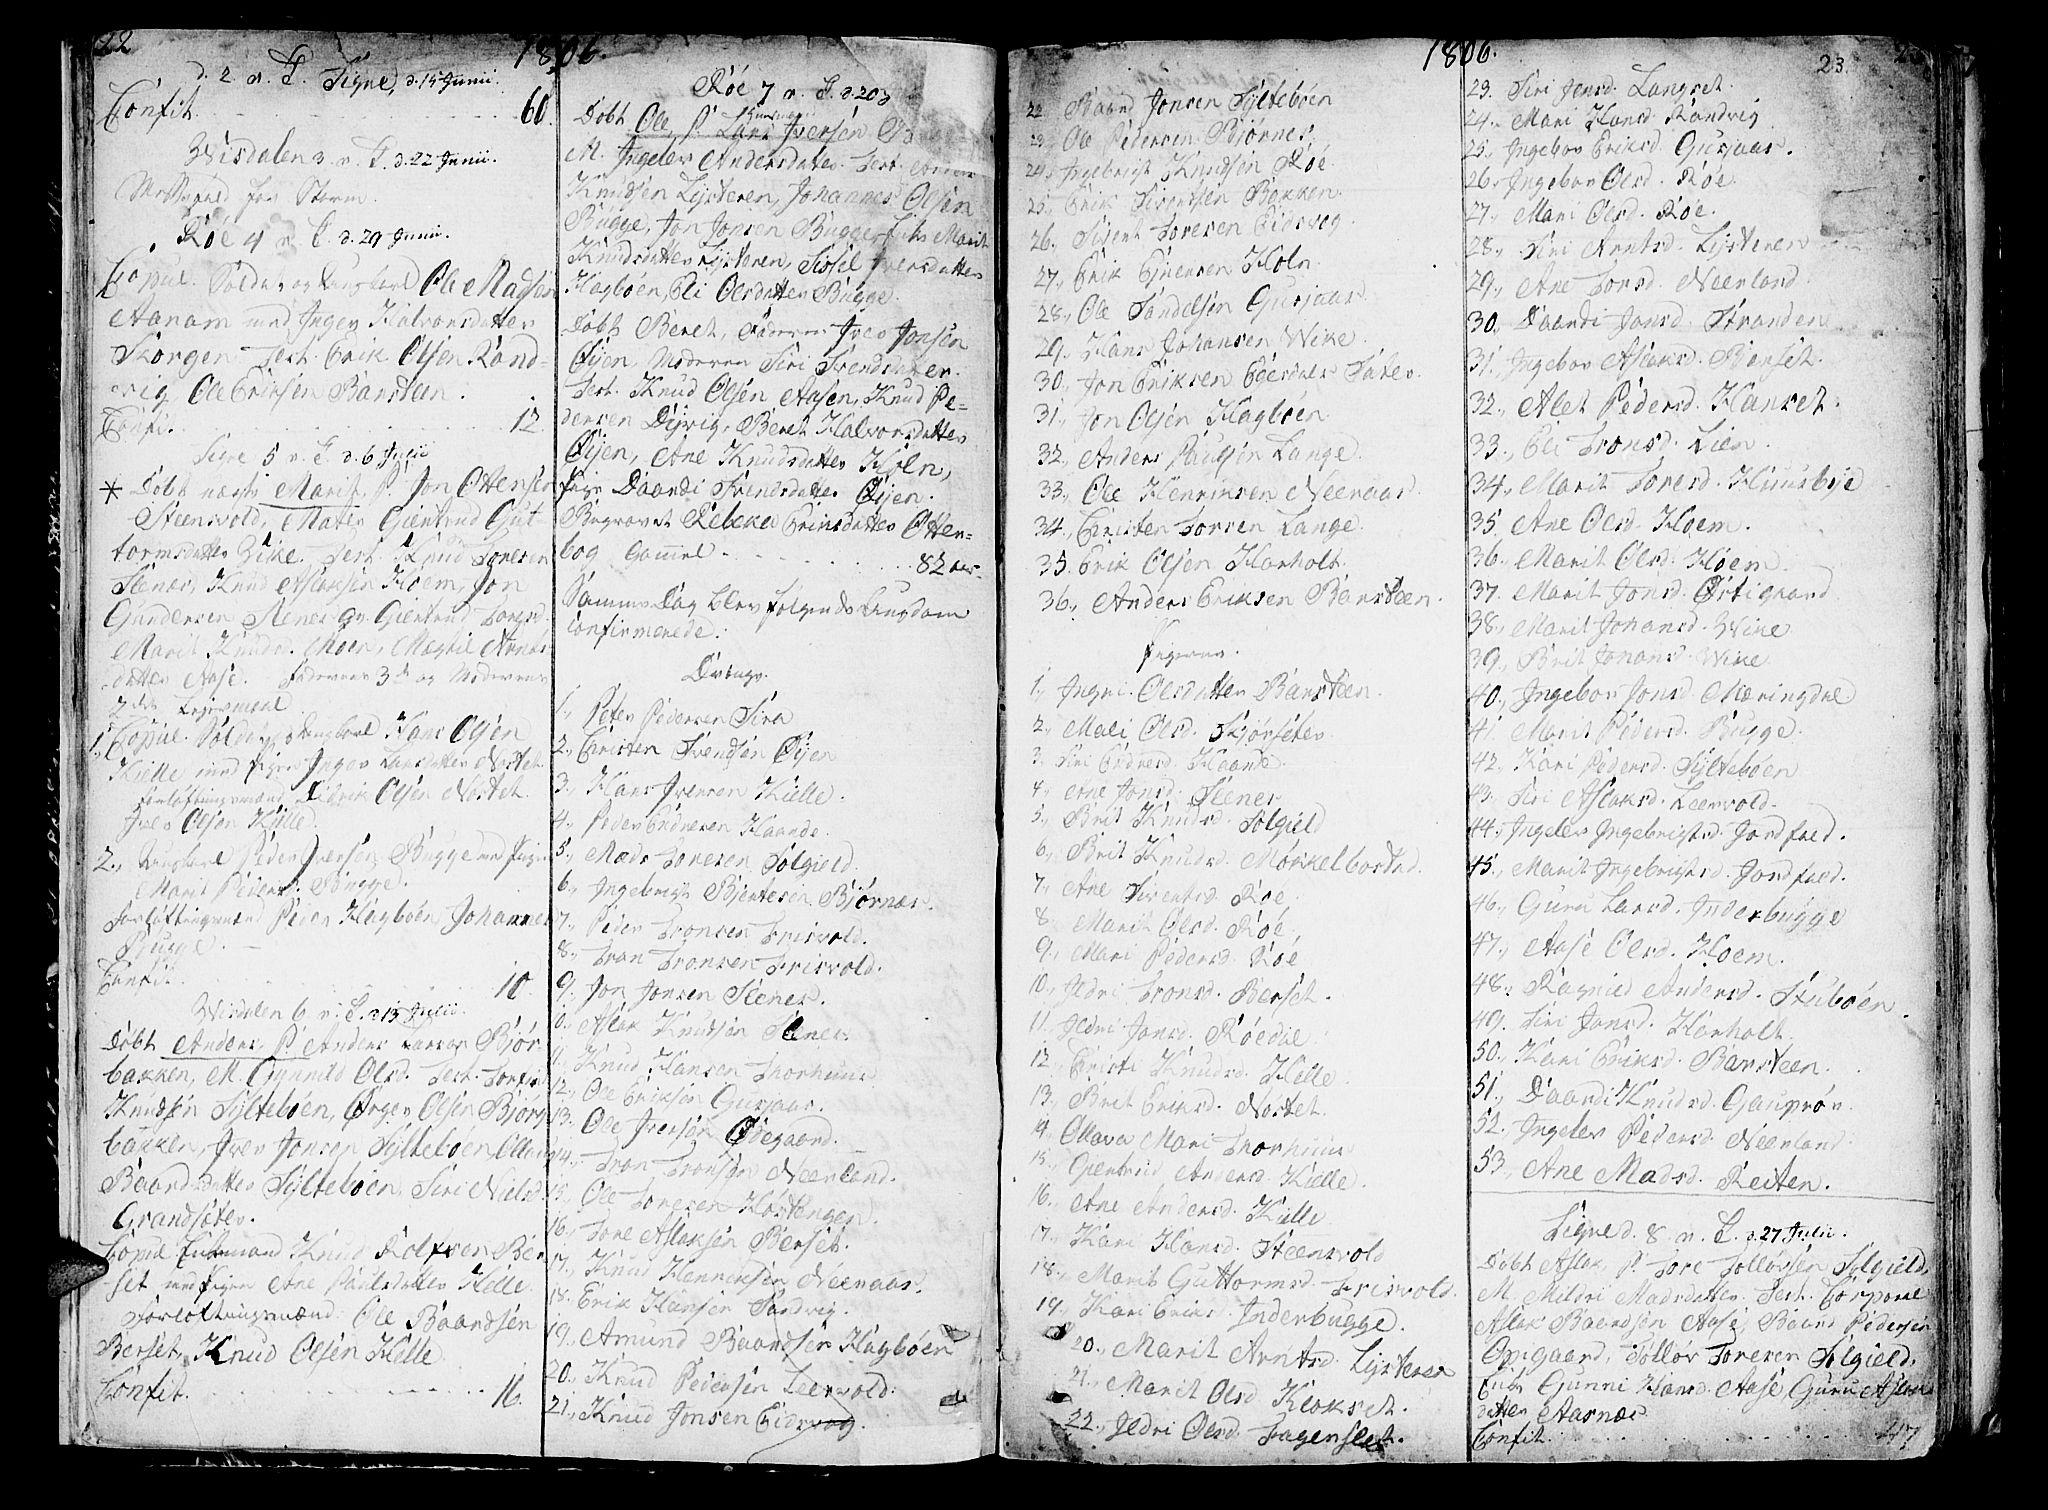 SAT, Ministerialprotokoller, klokkerbøker og fødselsregistre - Møre og Romsdal, 551/L0622: Ministerialbok nr. 551A02, 1804-1845, s. 22-23